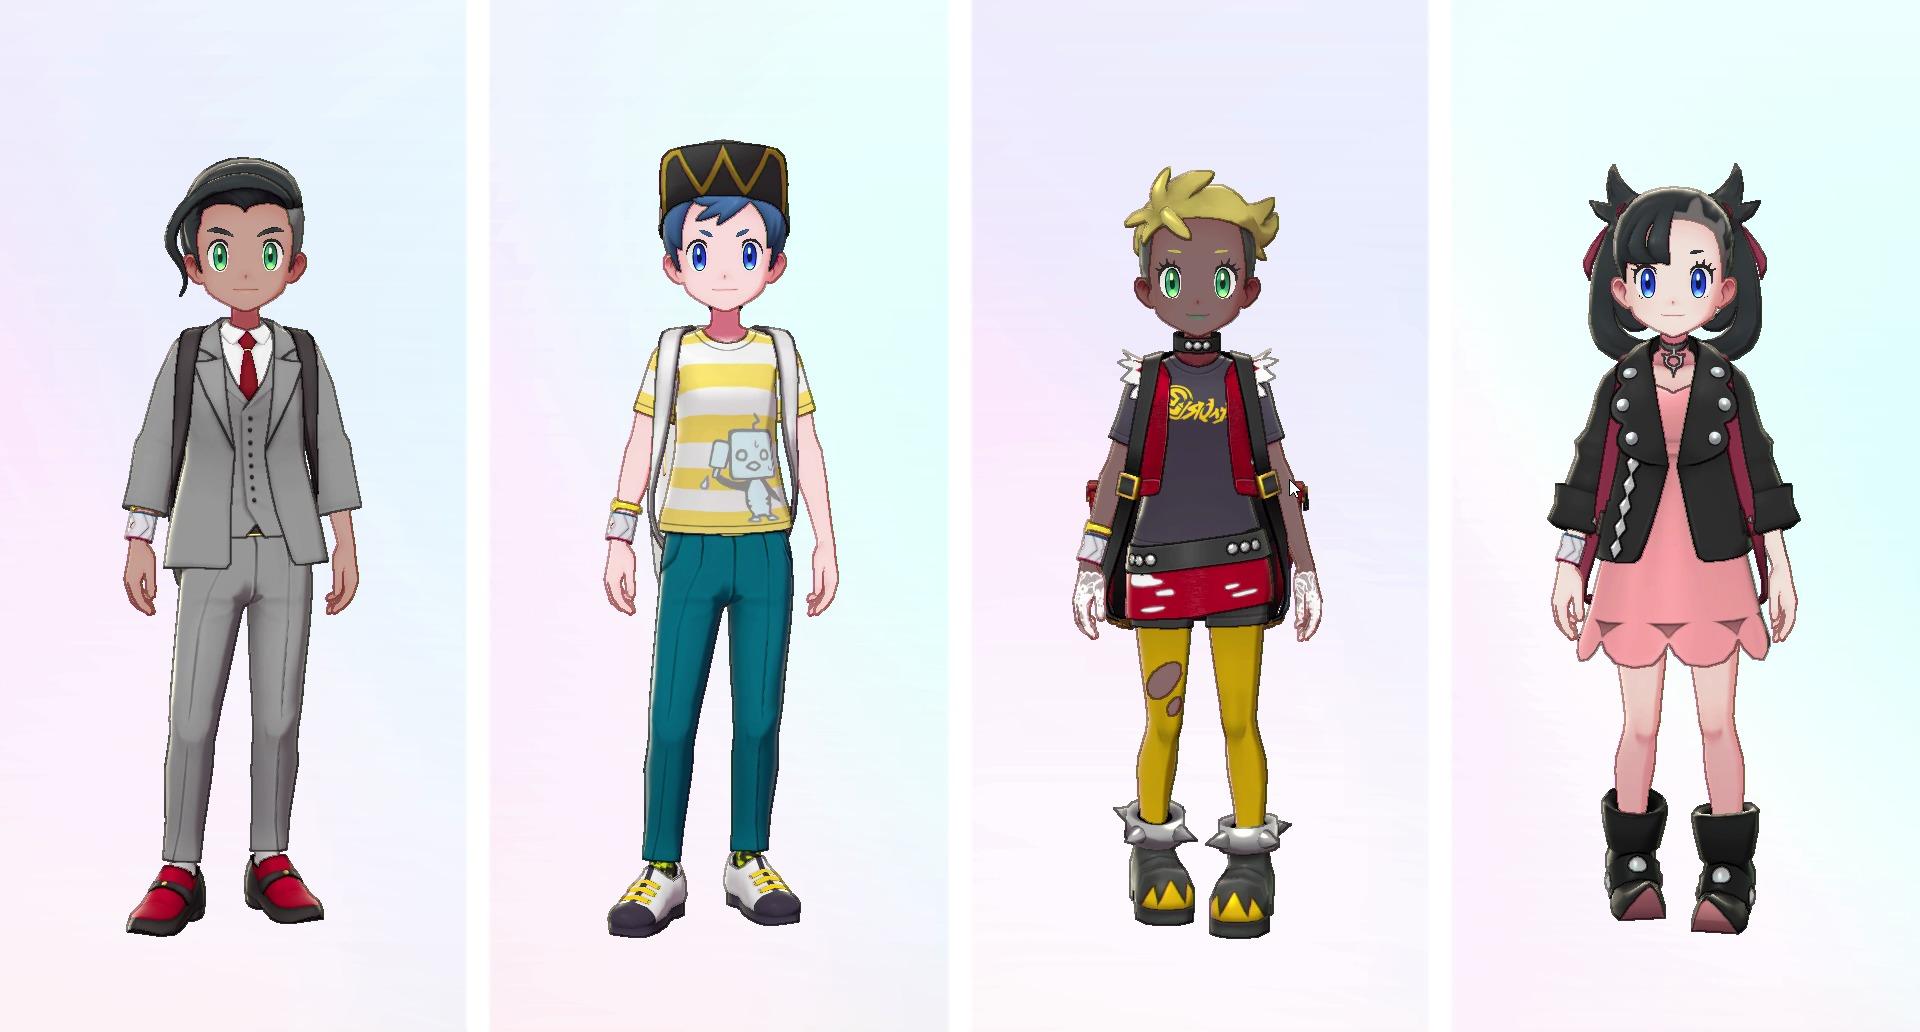 着せ替え※画面は開発中のものです。 (c)2020 Pokémon. (c)1995-2020 Nintendo/Creatures Inc. /GAME FREAK inc.